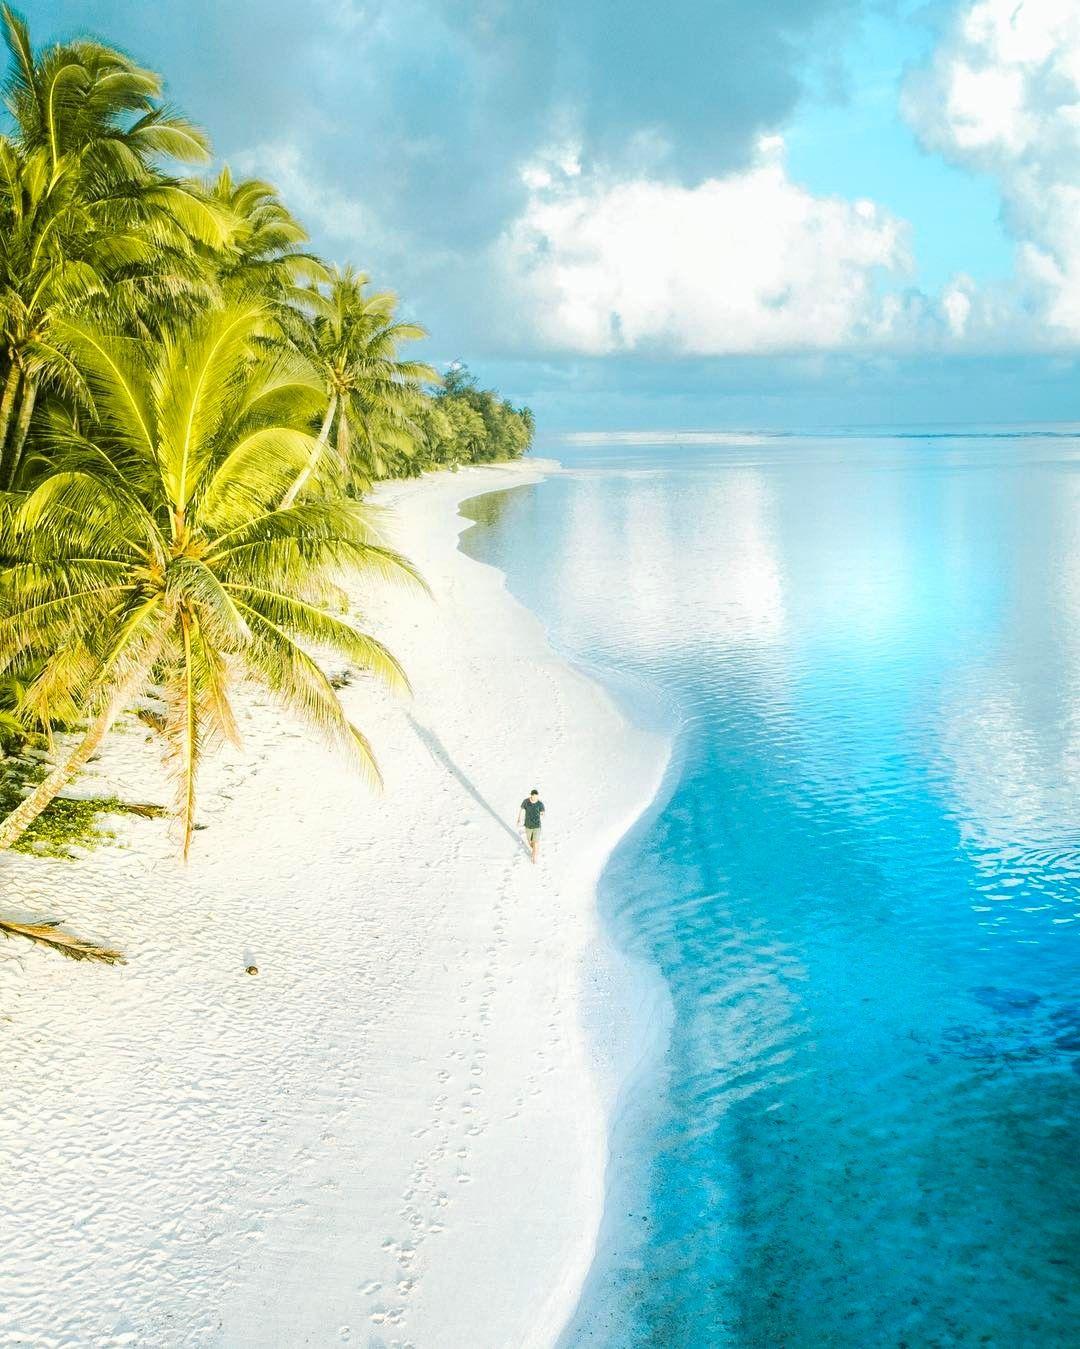 Cook Islands Beaches: Rarotonga, Cook Islands, Ph: Eric Rubens